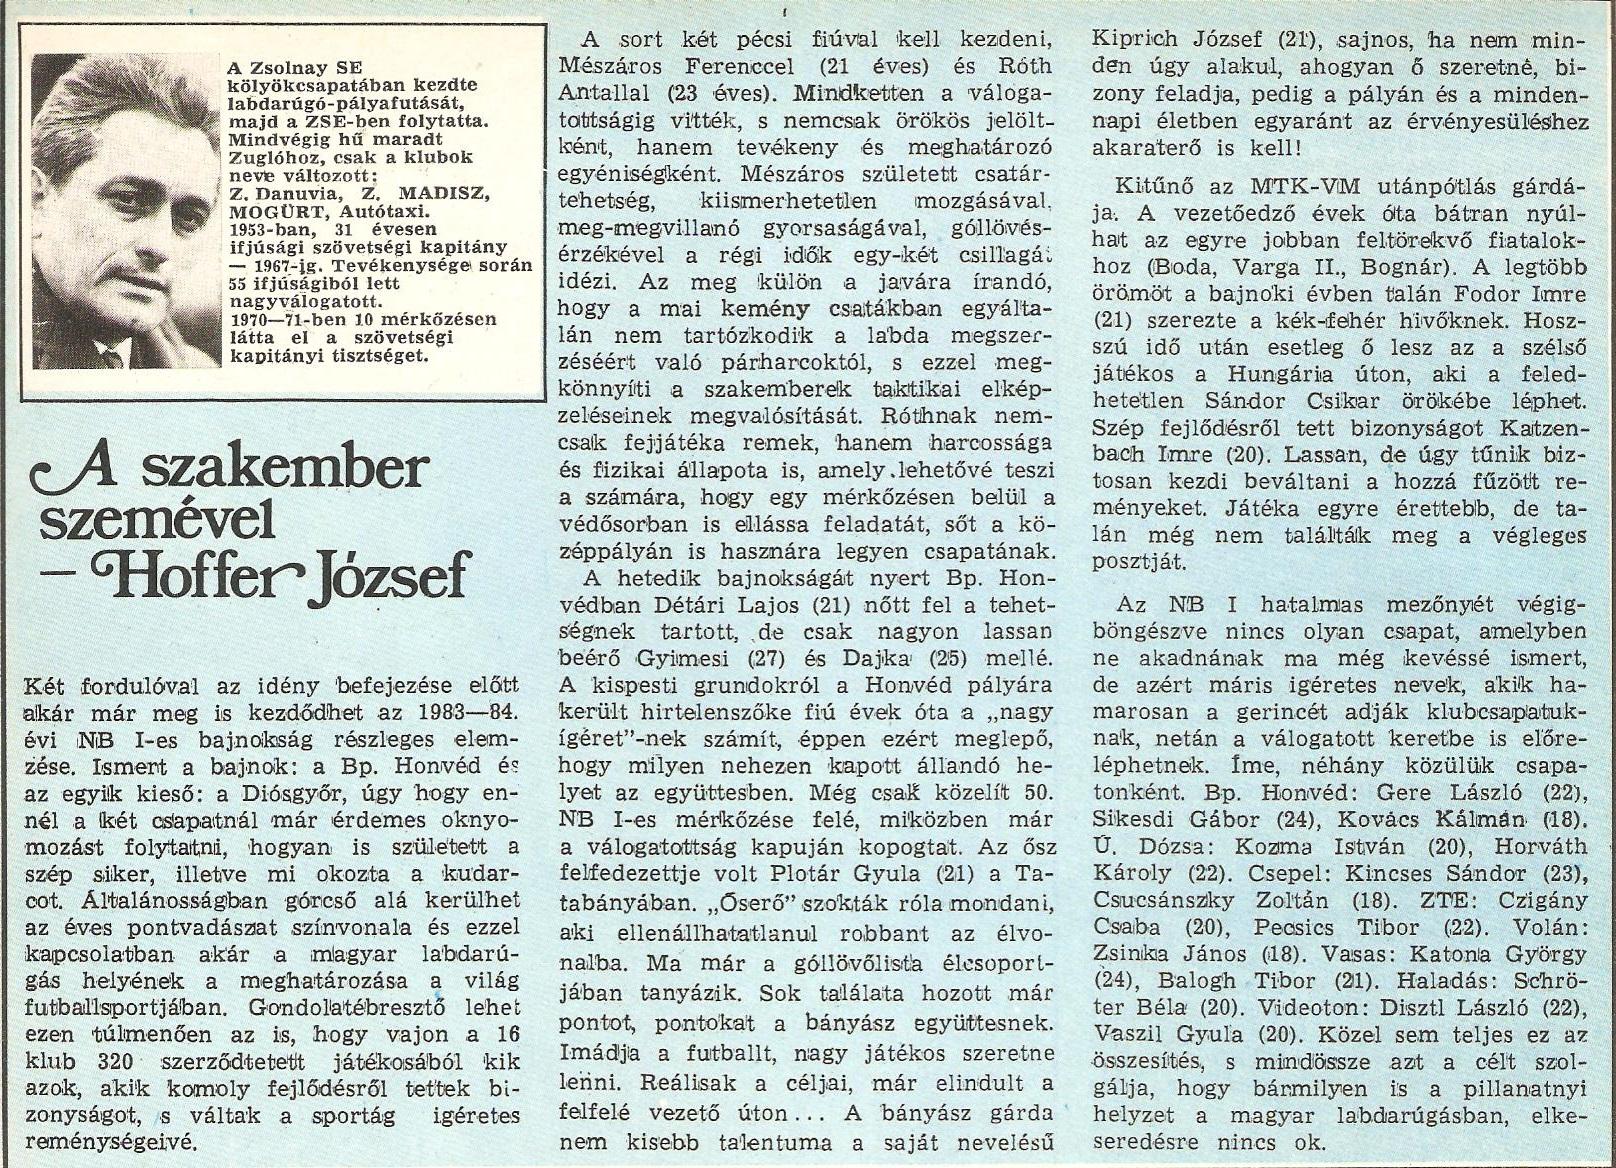 Idokapszula_nb1_1983-84_28_fordulo_szakember_szemevel.jpg